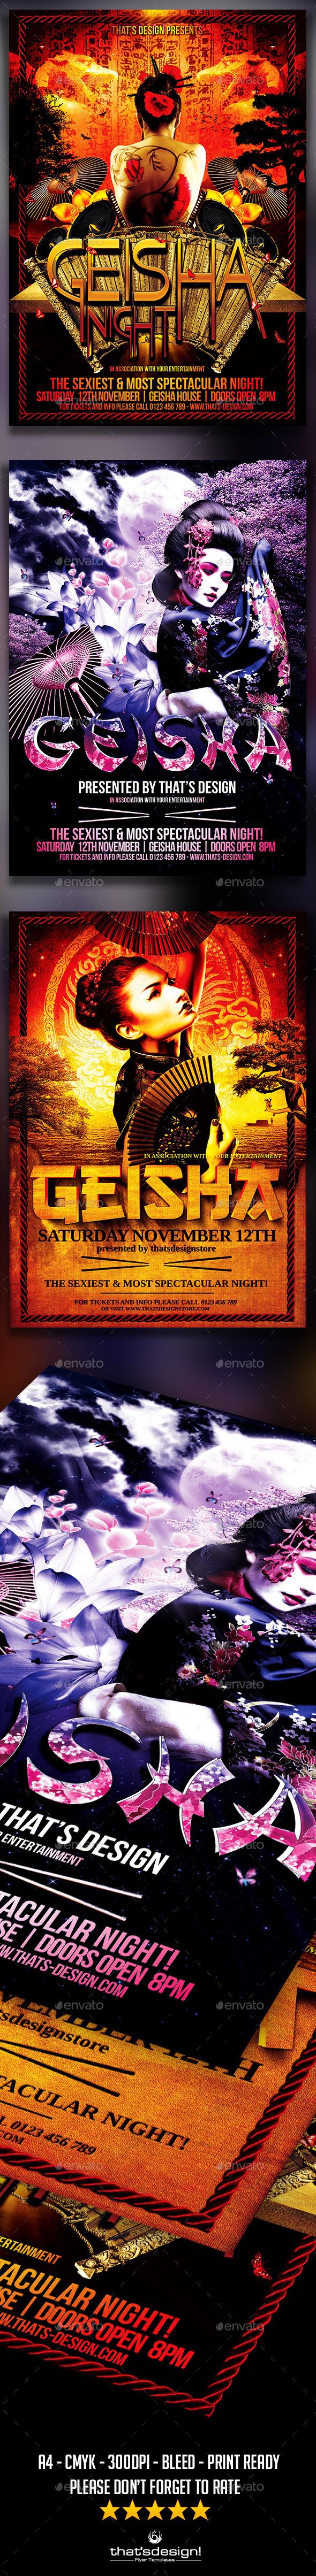 GraphicRiver Geisha Party Flyer Bundle 11859047